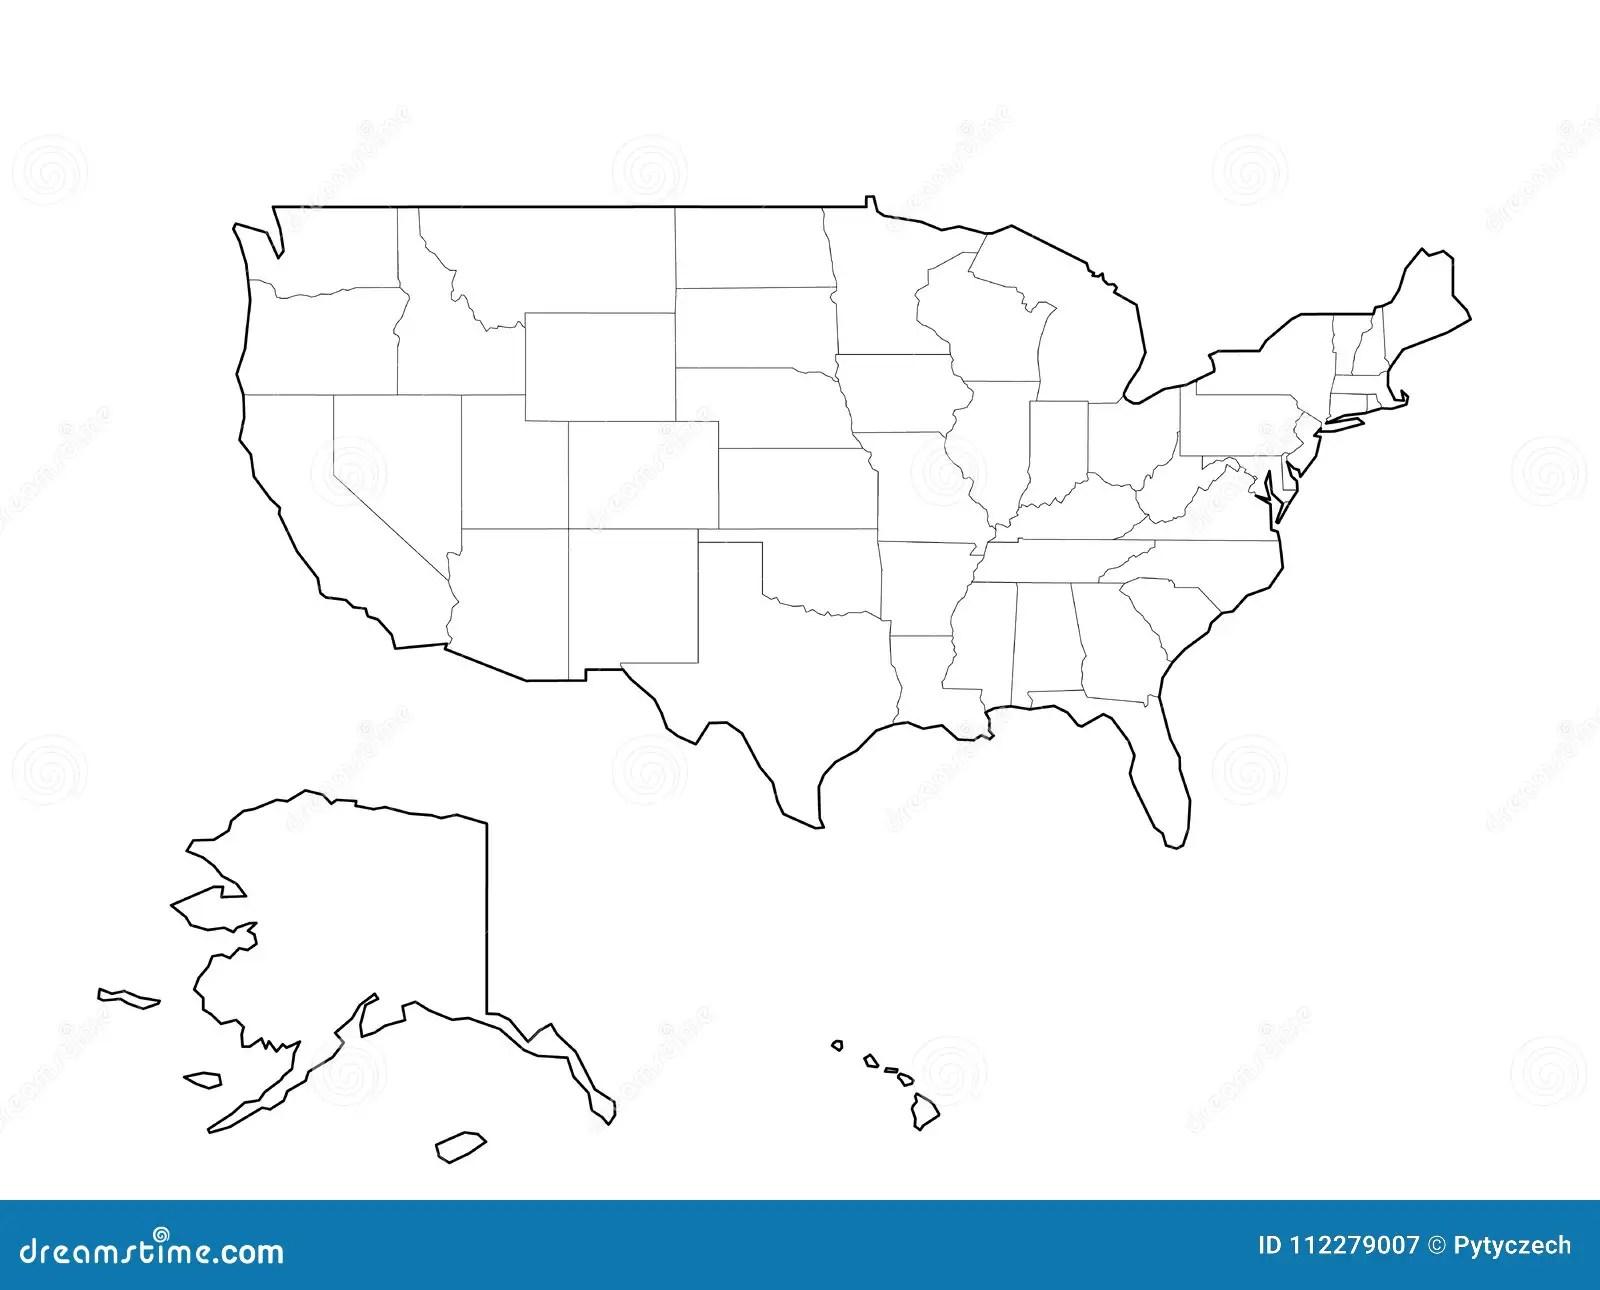 Atlas Of Usa